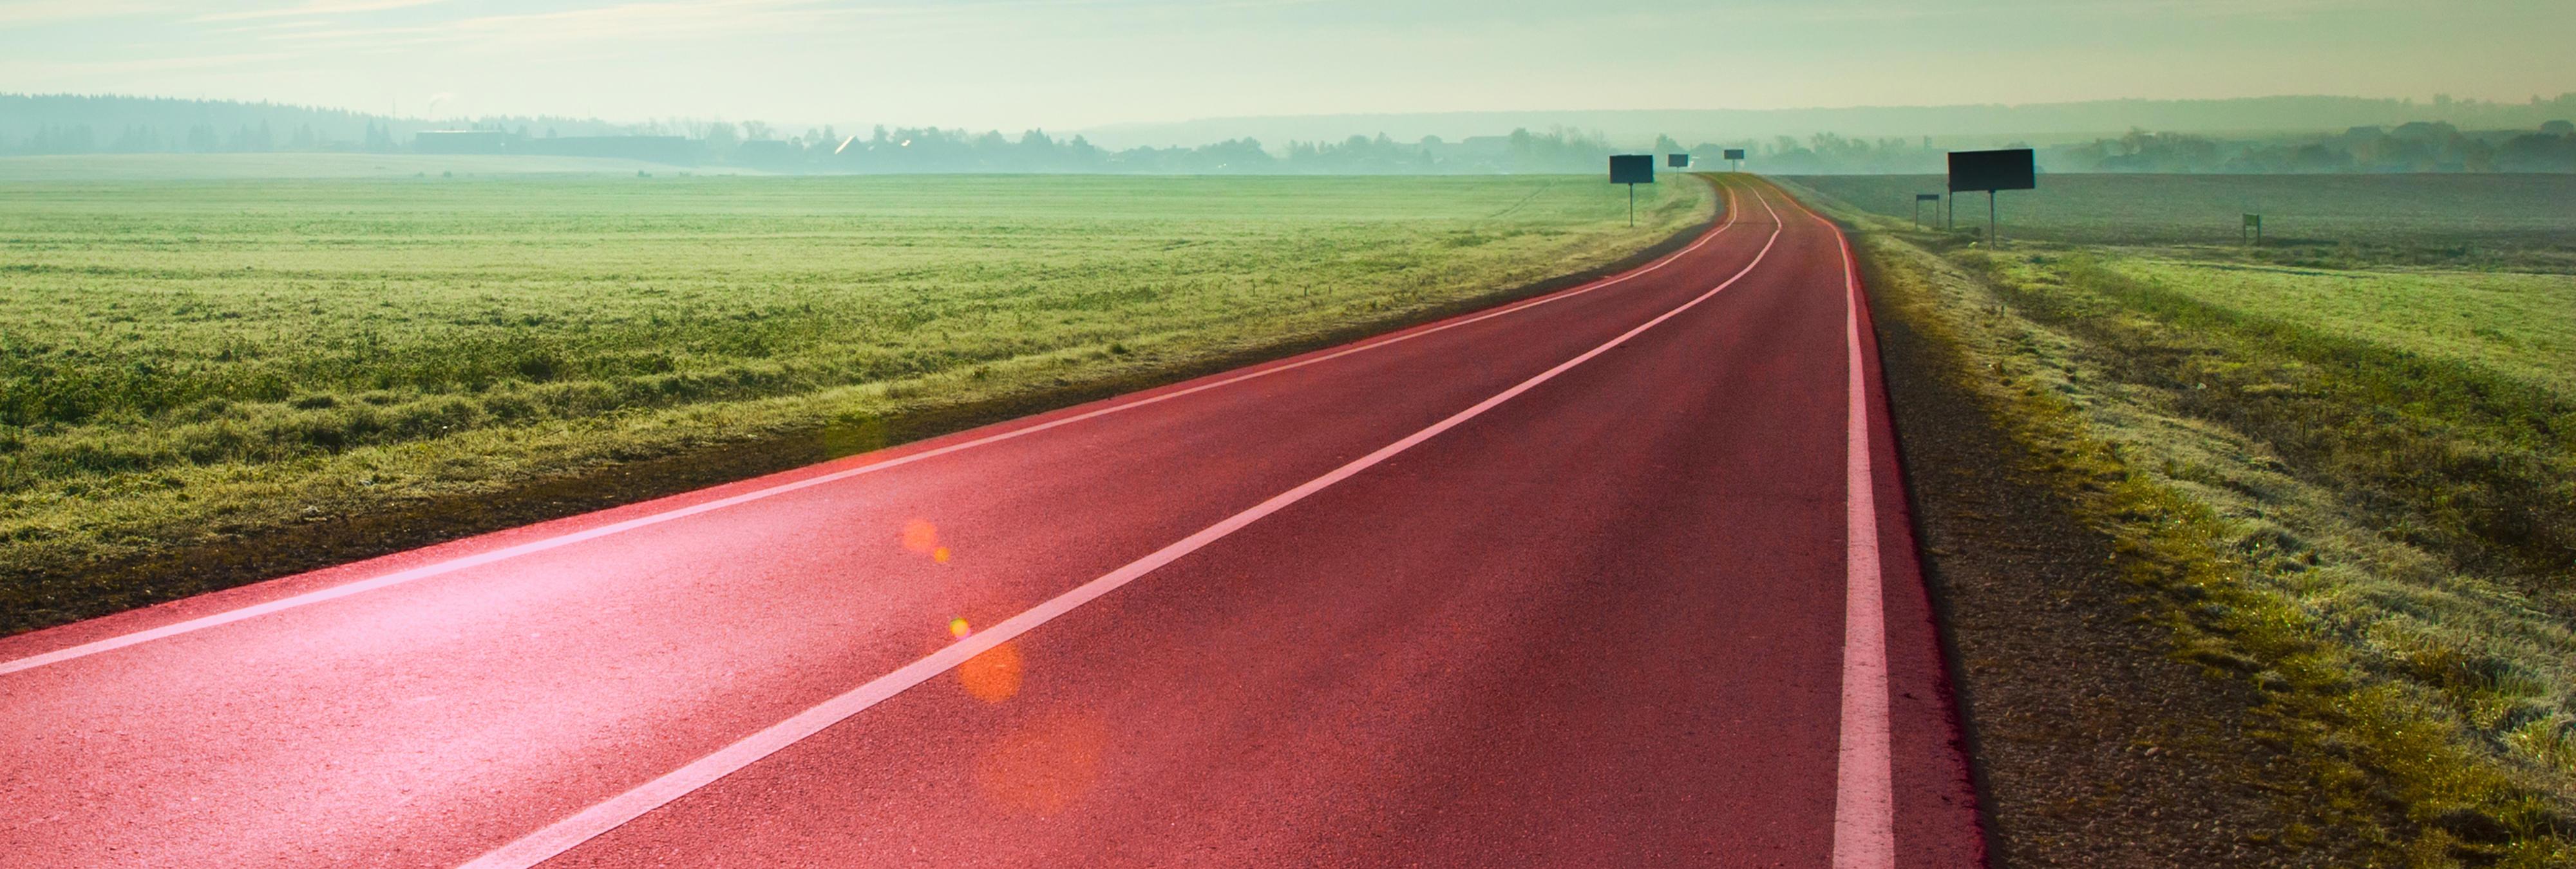 Países Bajos planea construir sus carreteras con plástico reciclado